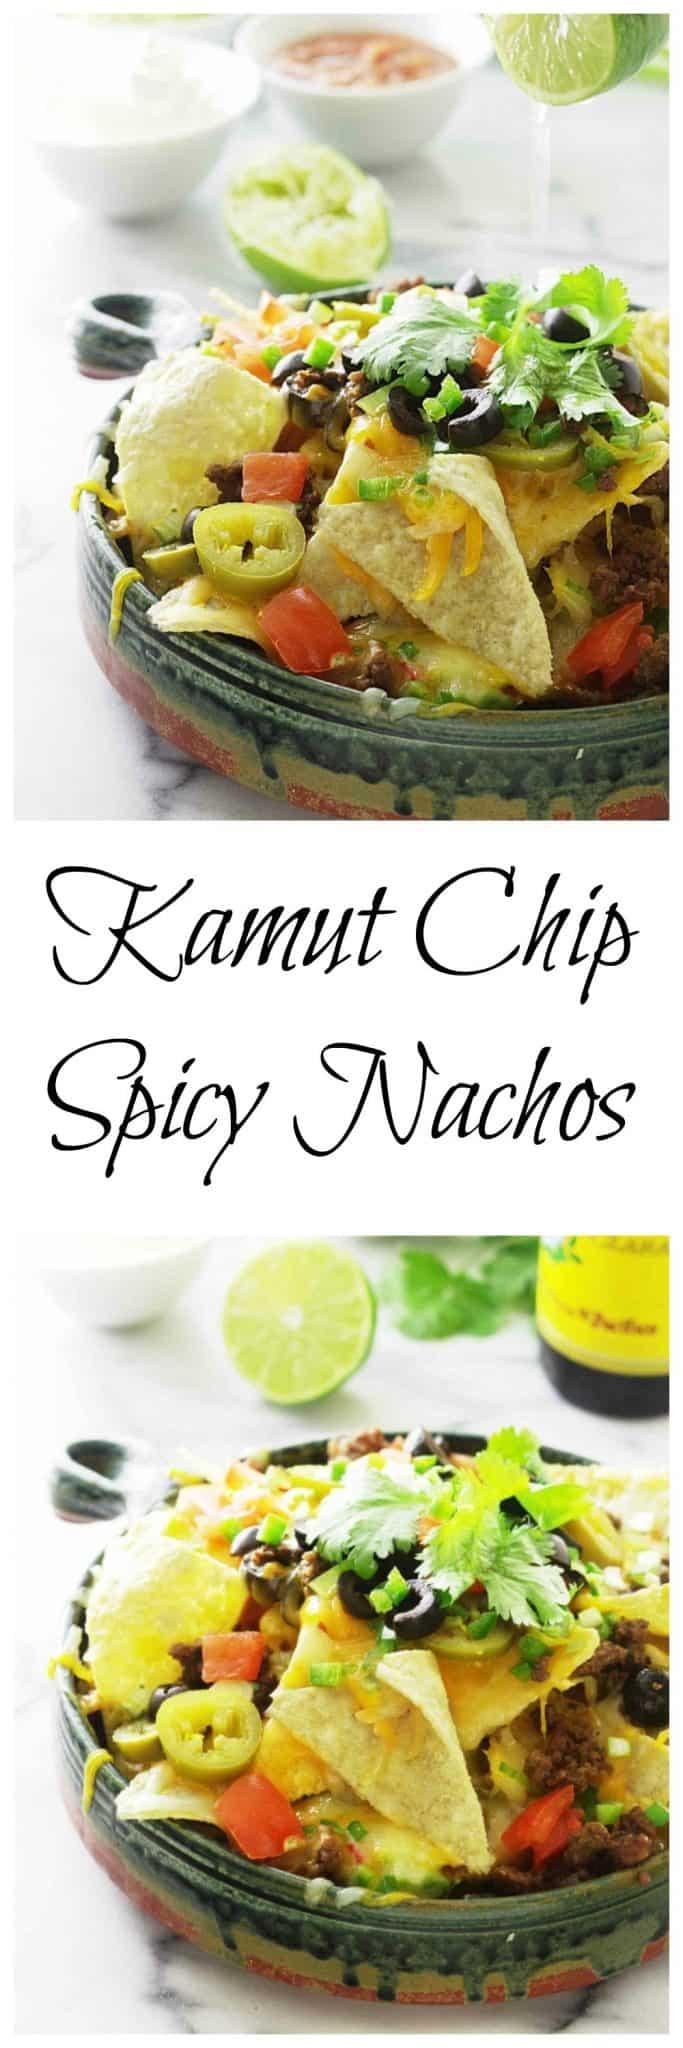 kamut chip spicy nachos